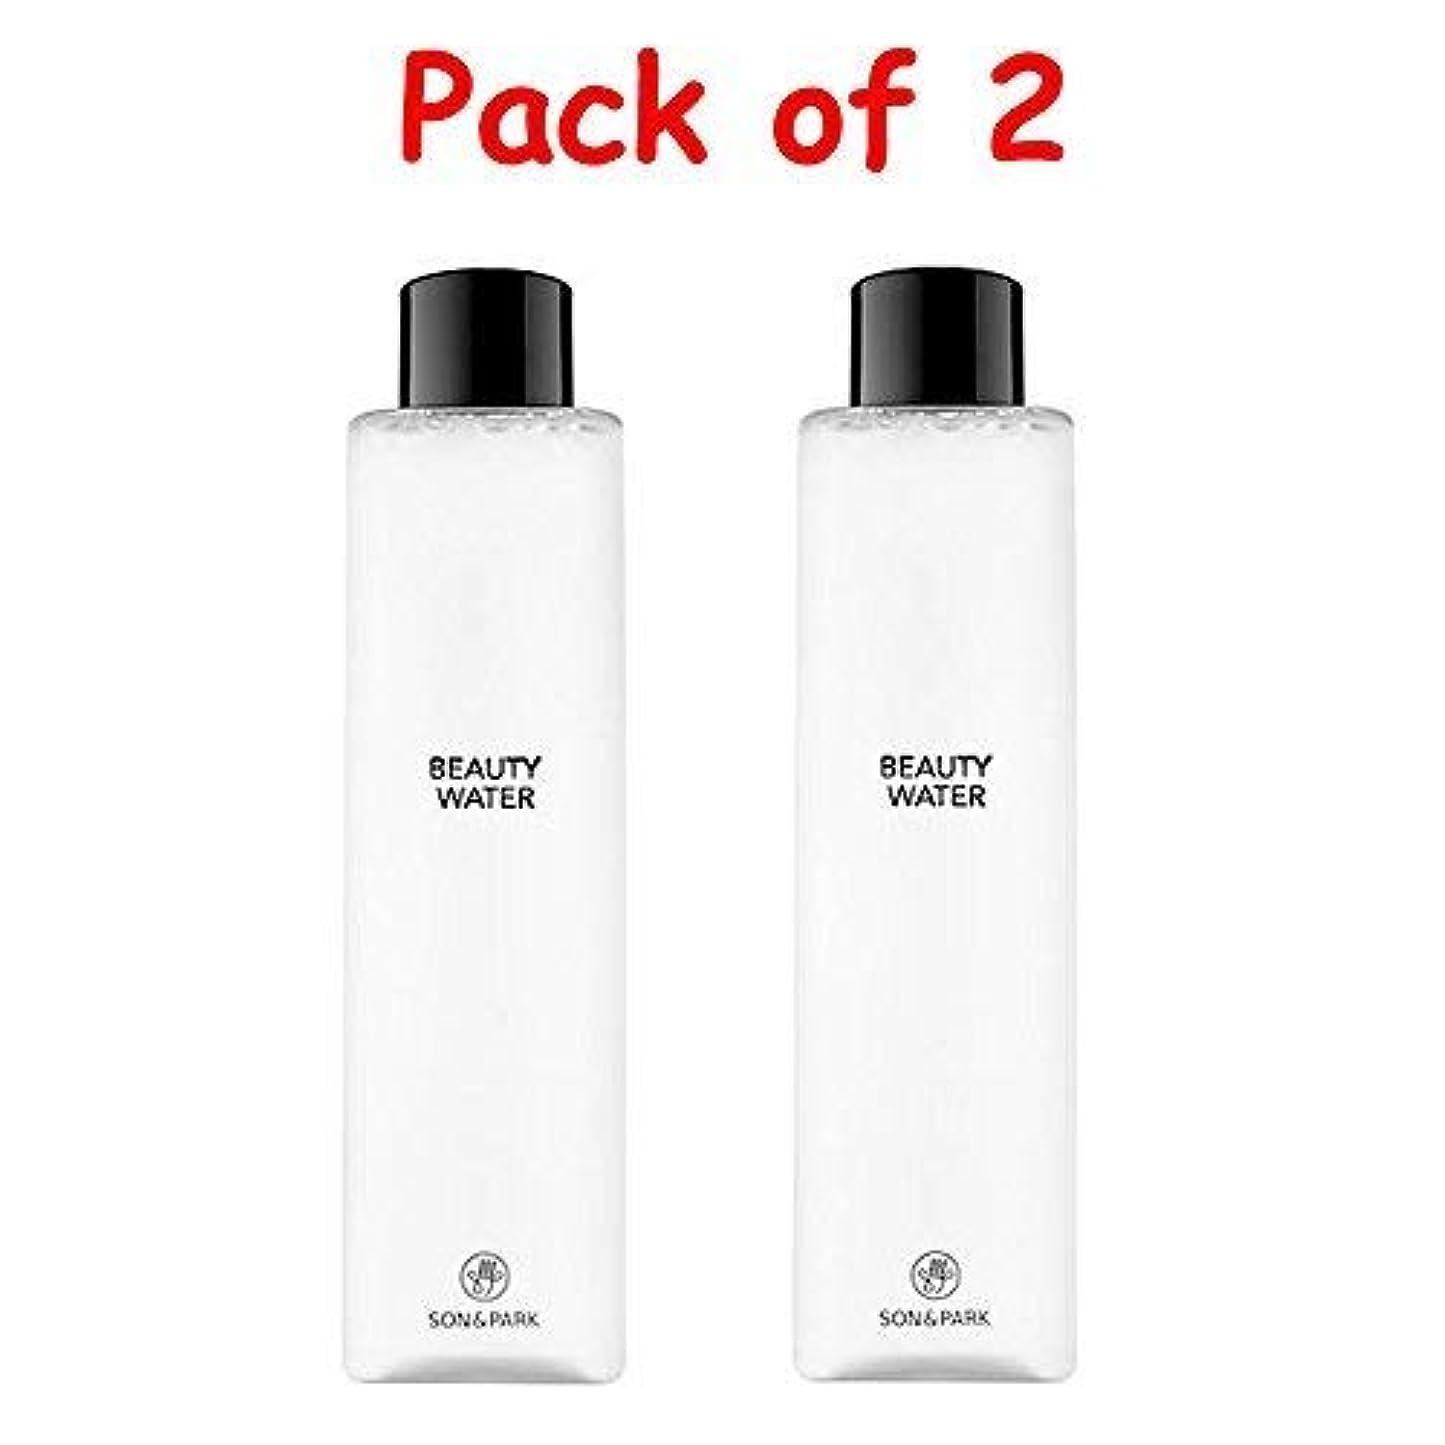 ファンわずかなポスト印象派★1+1 Sale★[SON & PARK]Beauty Water 340ml (Pack of 2) /[ソン & パク] ビューティー ウォーター 340ml (1+1)